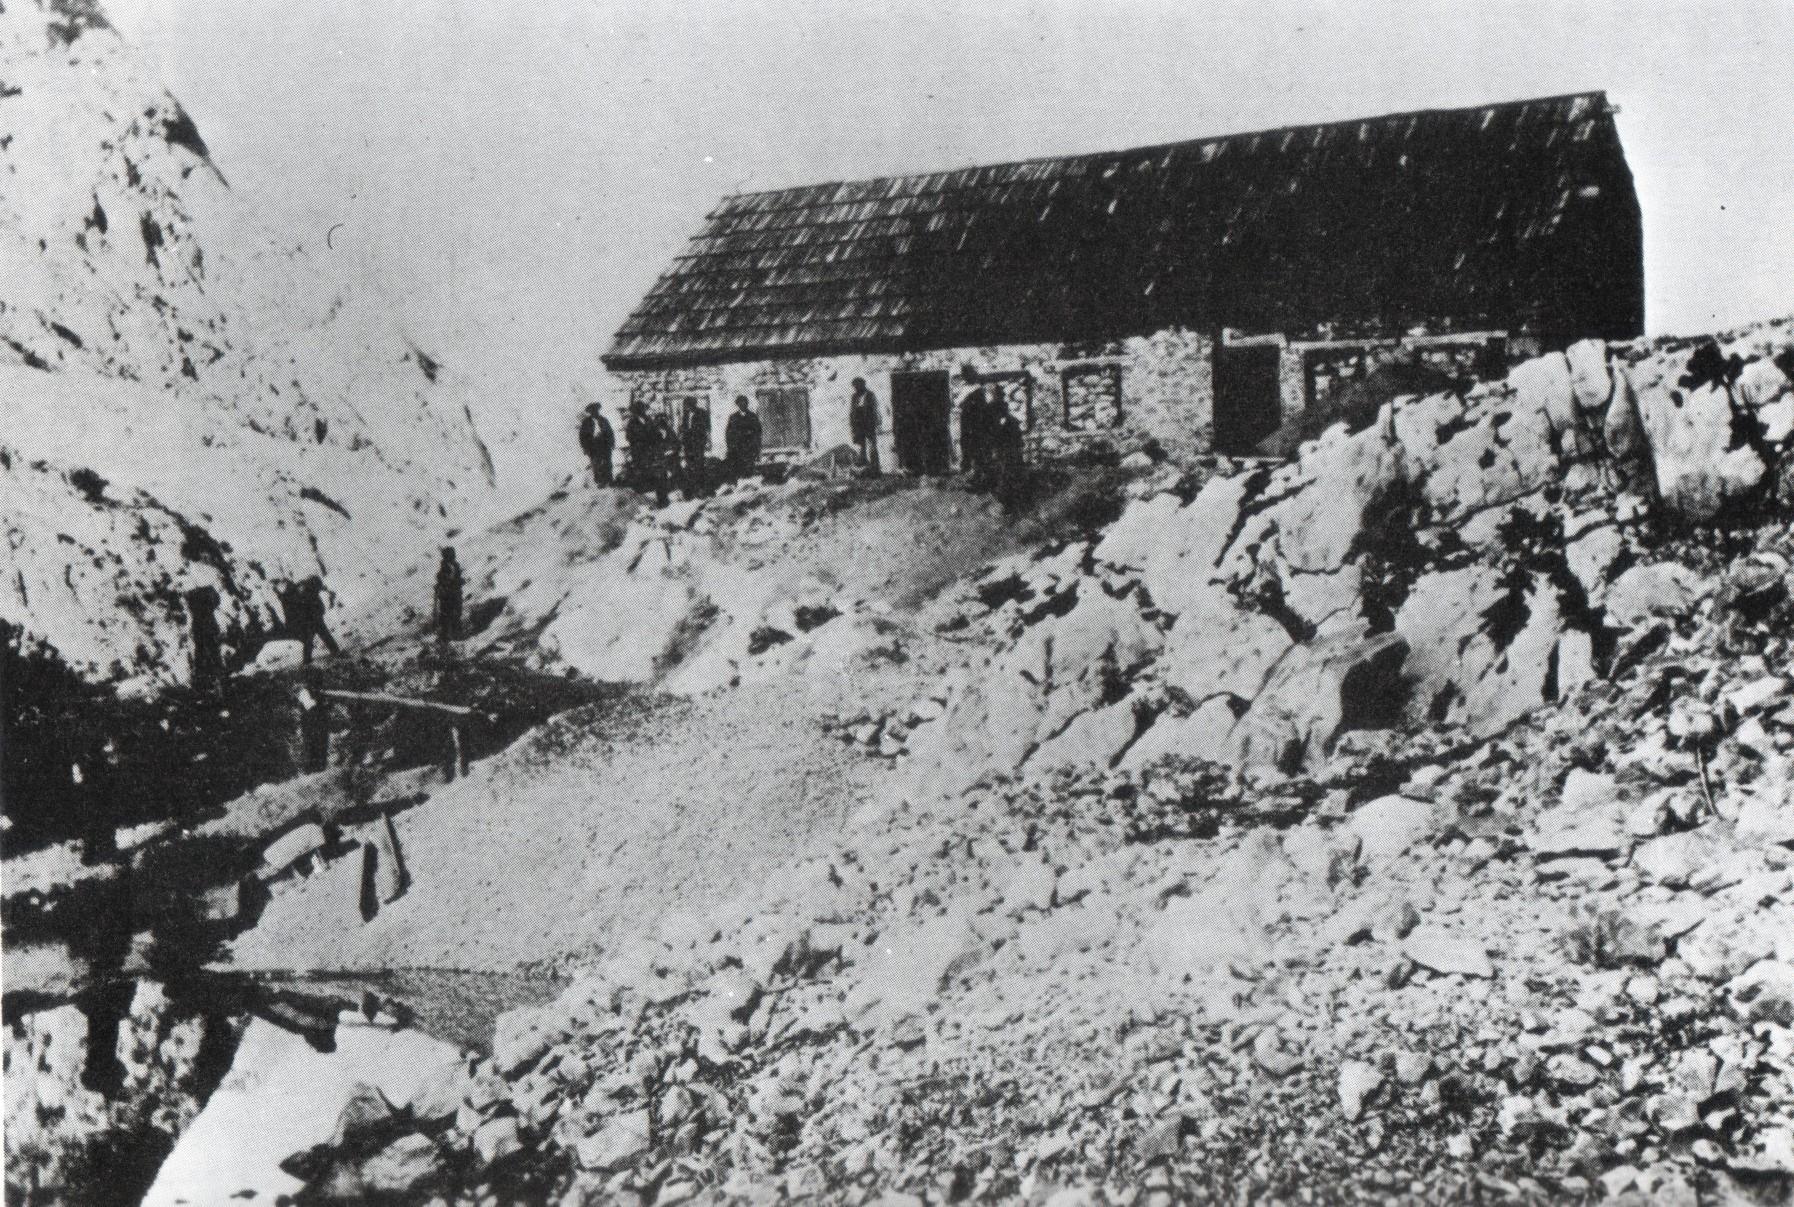 Casetón de las minas de Liordes y su lavadero de mineral en 1891. Foto del Conde Saint-Saud